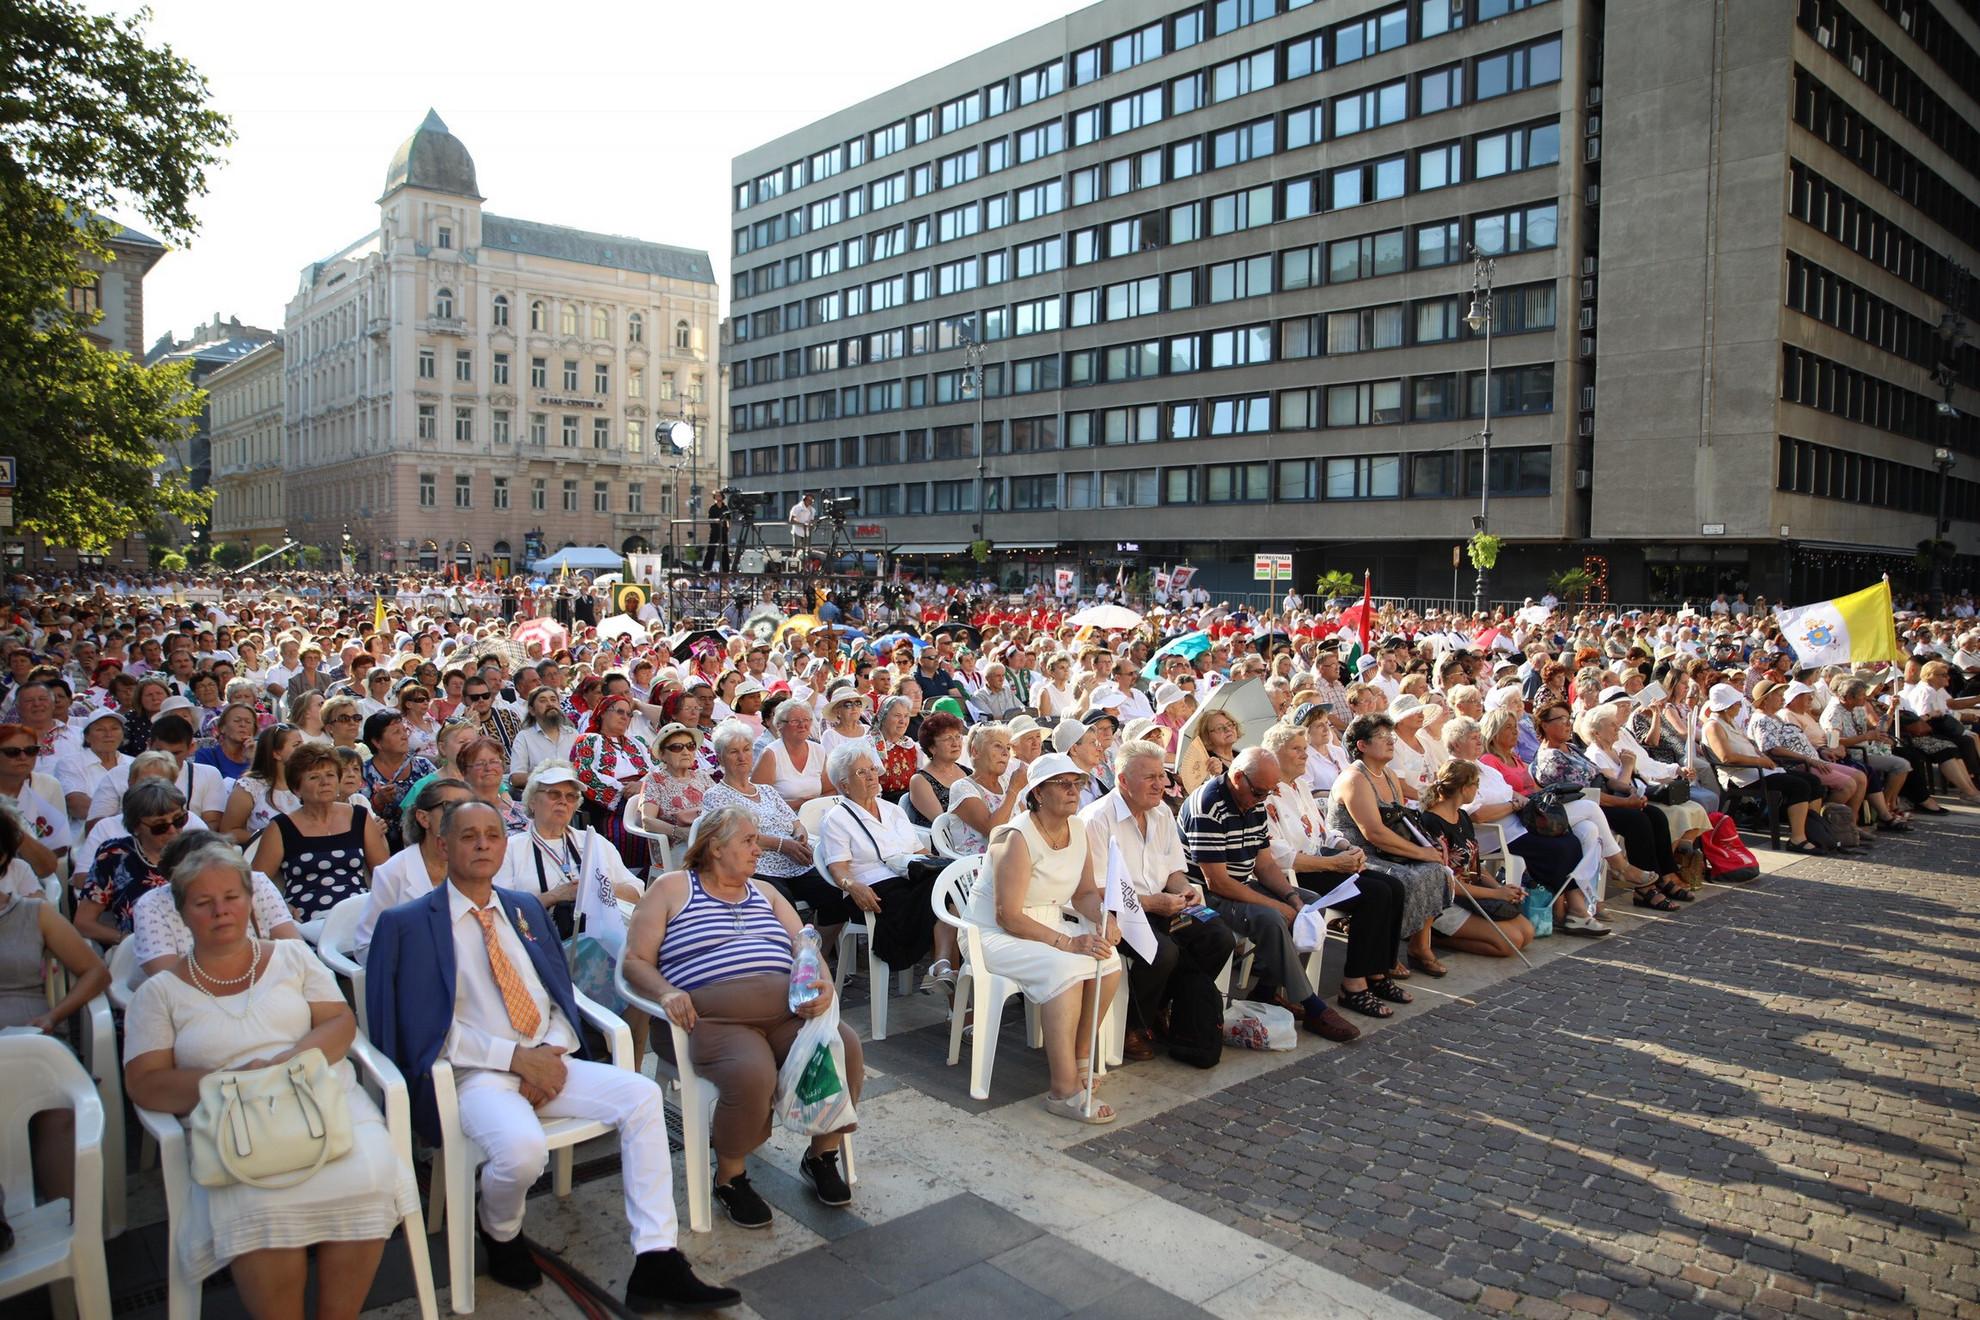 Hatalms tömeg gyűlt össze a Bazilika előtt